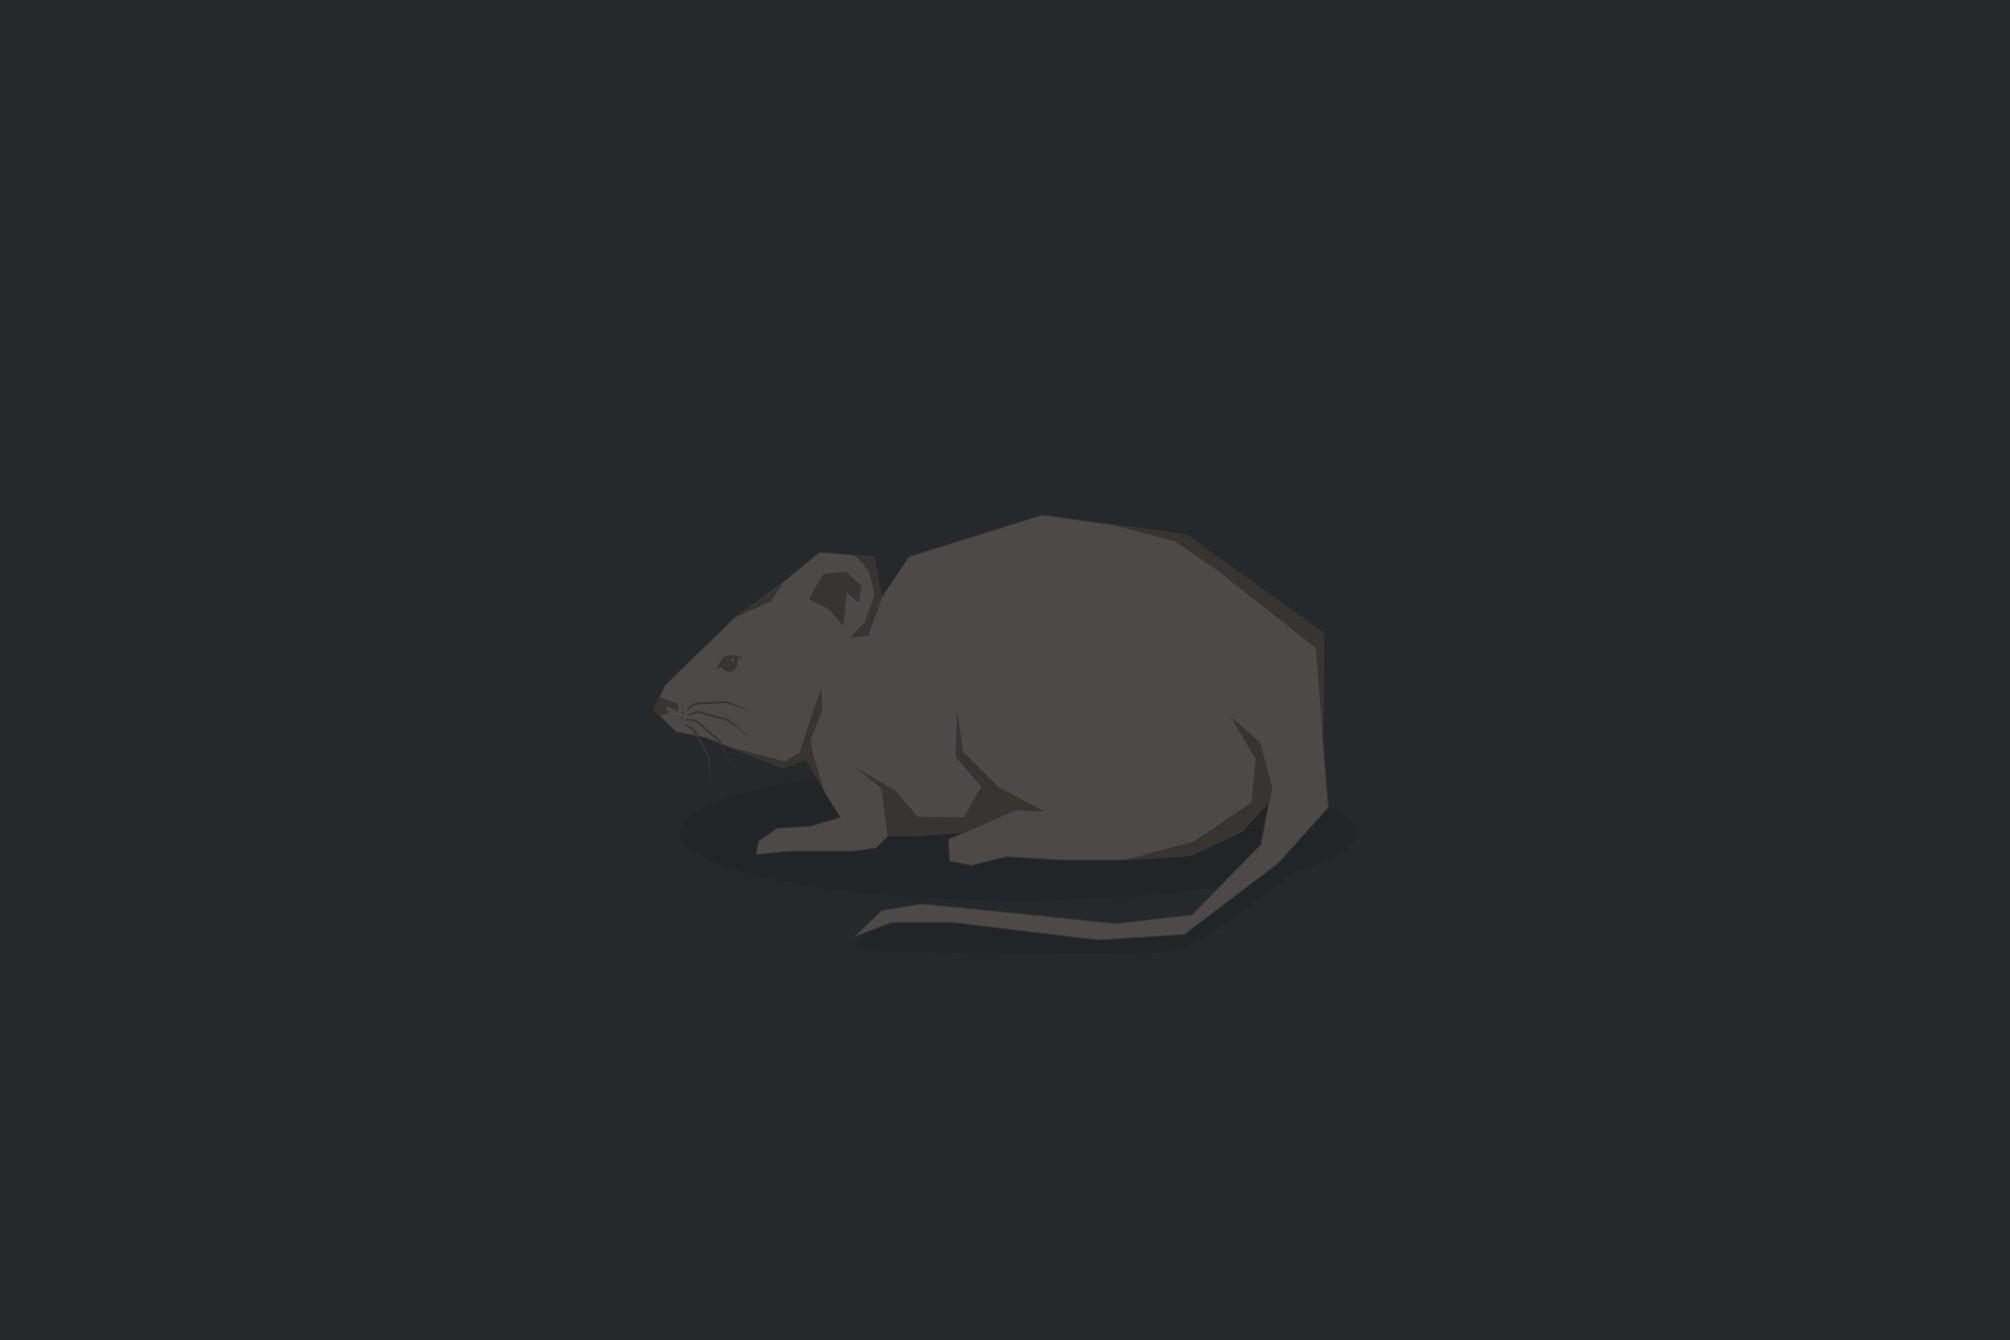 Nggak cuma manusia, tikus juga ternyata sering bermimpi! Ini buktinya